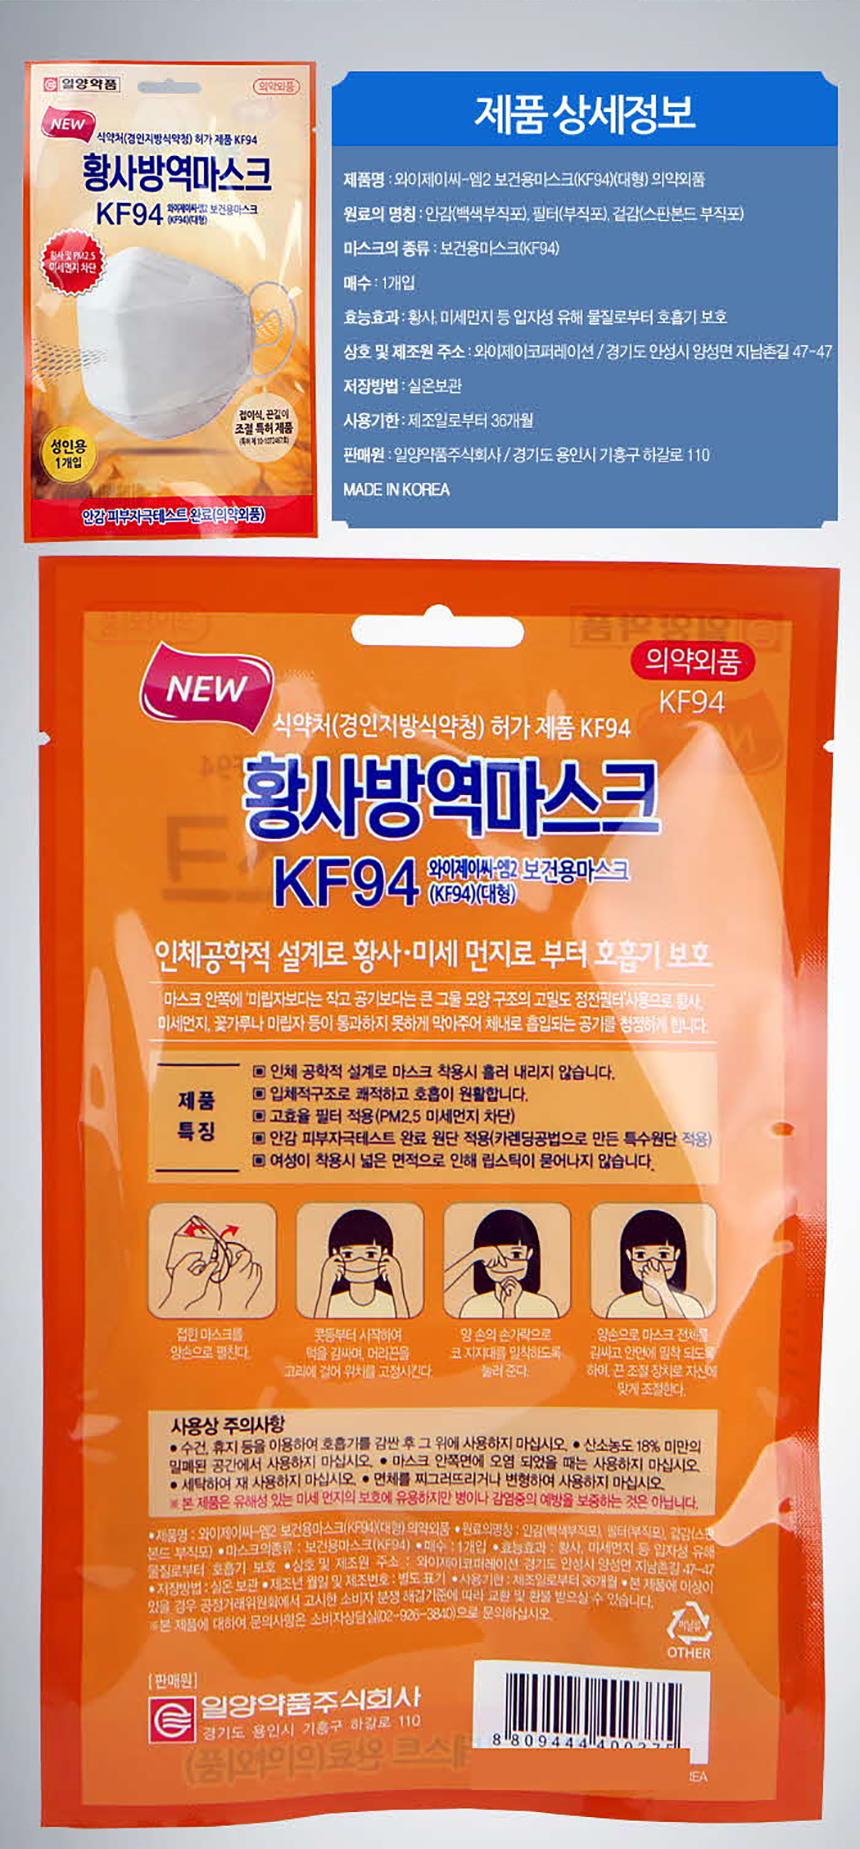 kf94_adult_09.jpg